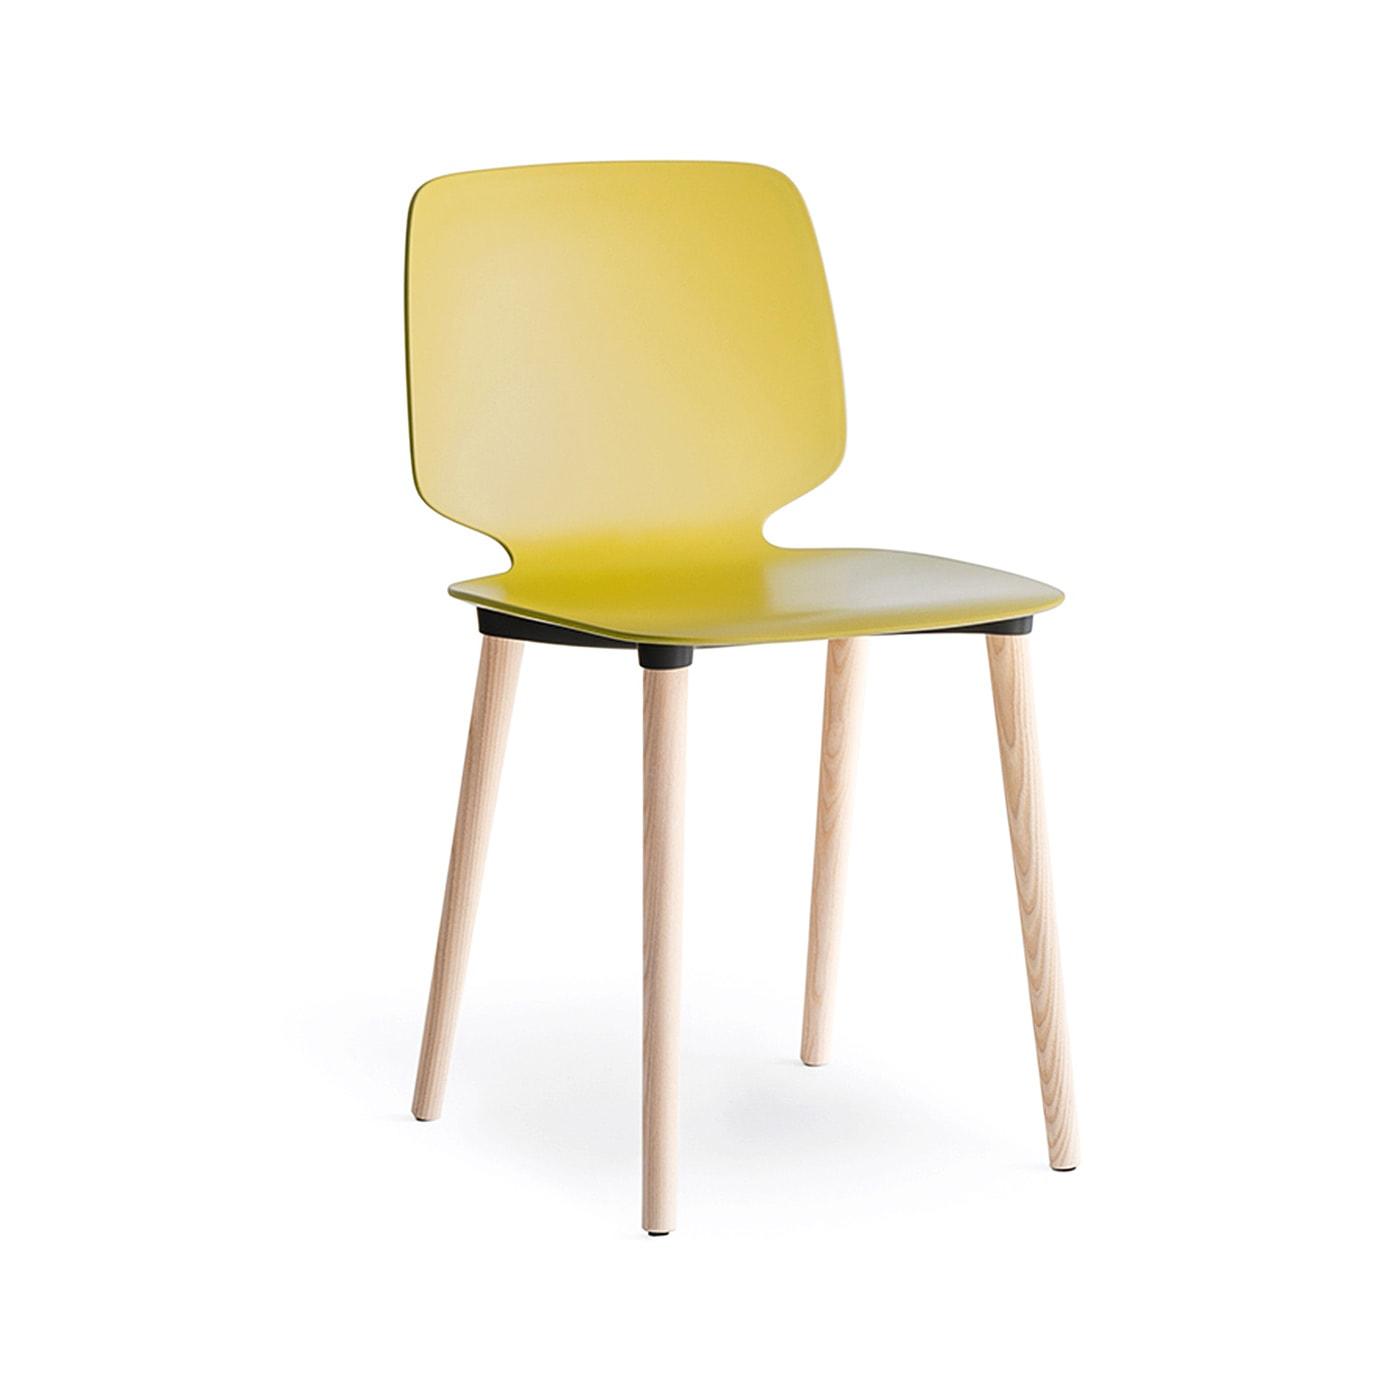 PEDRALI Babila sedia giallo